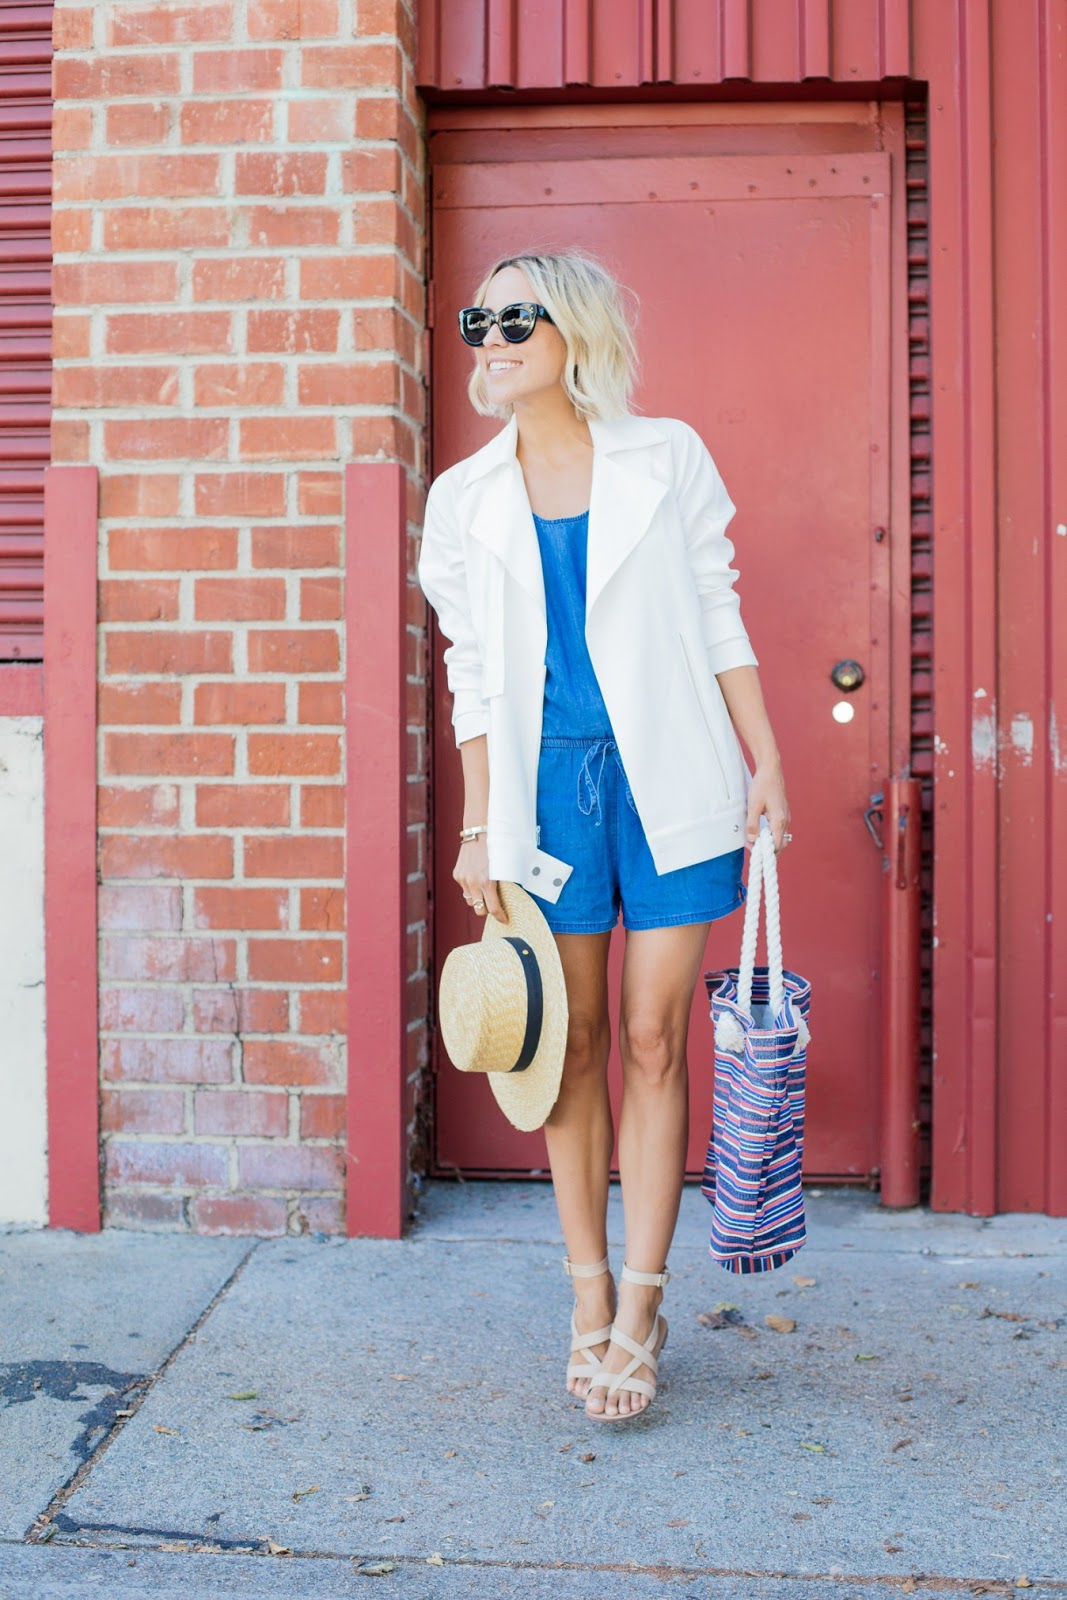 blazer-macacão-macaquinho-macacão curto-macacão azul-macacão feminino curto-roupas da moda-roupas-lojas de roupas-moda feminina-roupas femininas-roupas online-comprar roupas online-sites de moda-macaquinho feminino